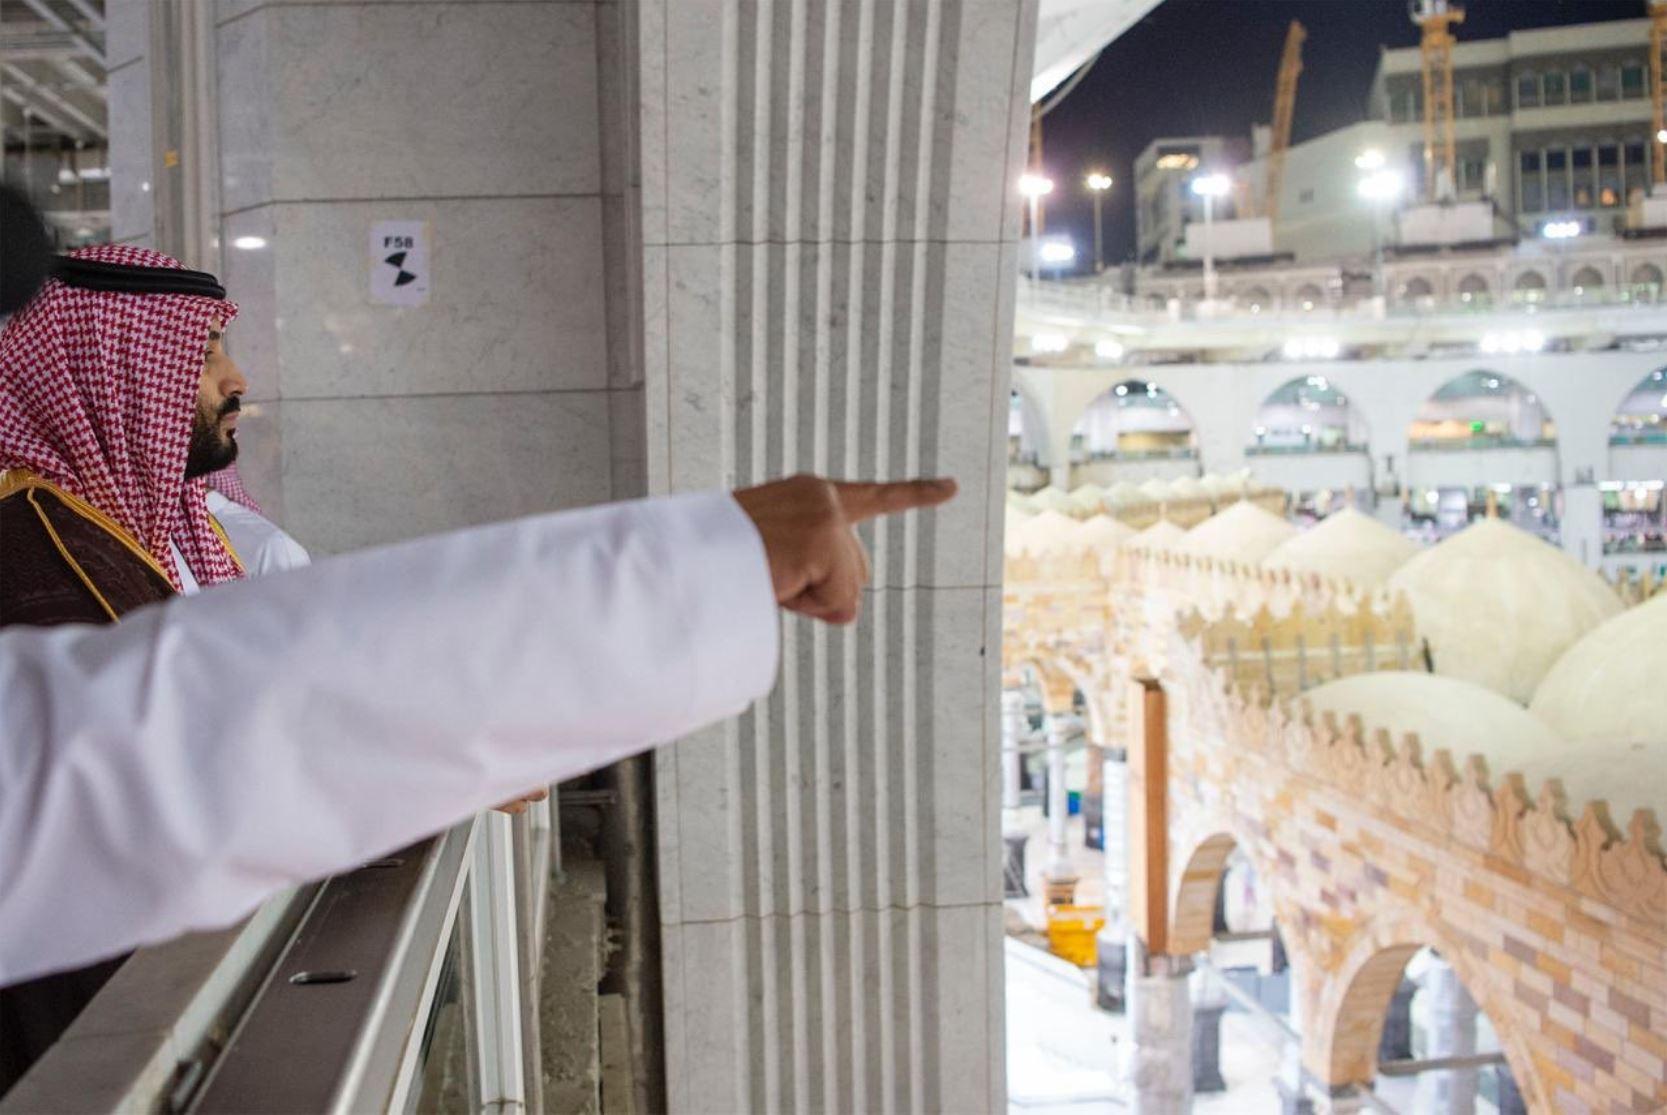 सऊदी अरब में 31 जुलाई को मनाया जायेगा पहला ईद-उल-अजहा, यहां देखे छुट्टी के लिए जारी की गई सभी तारीखें